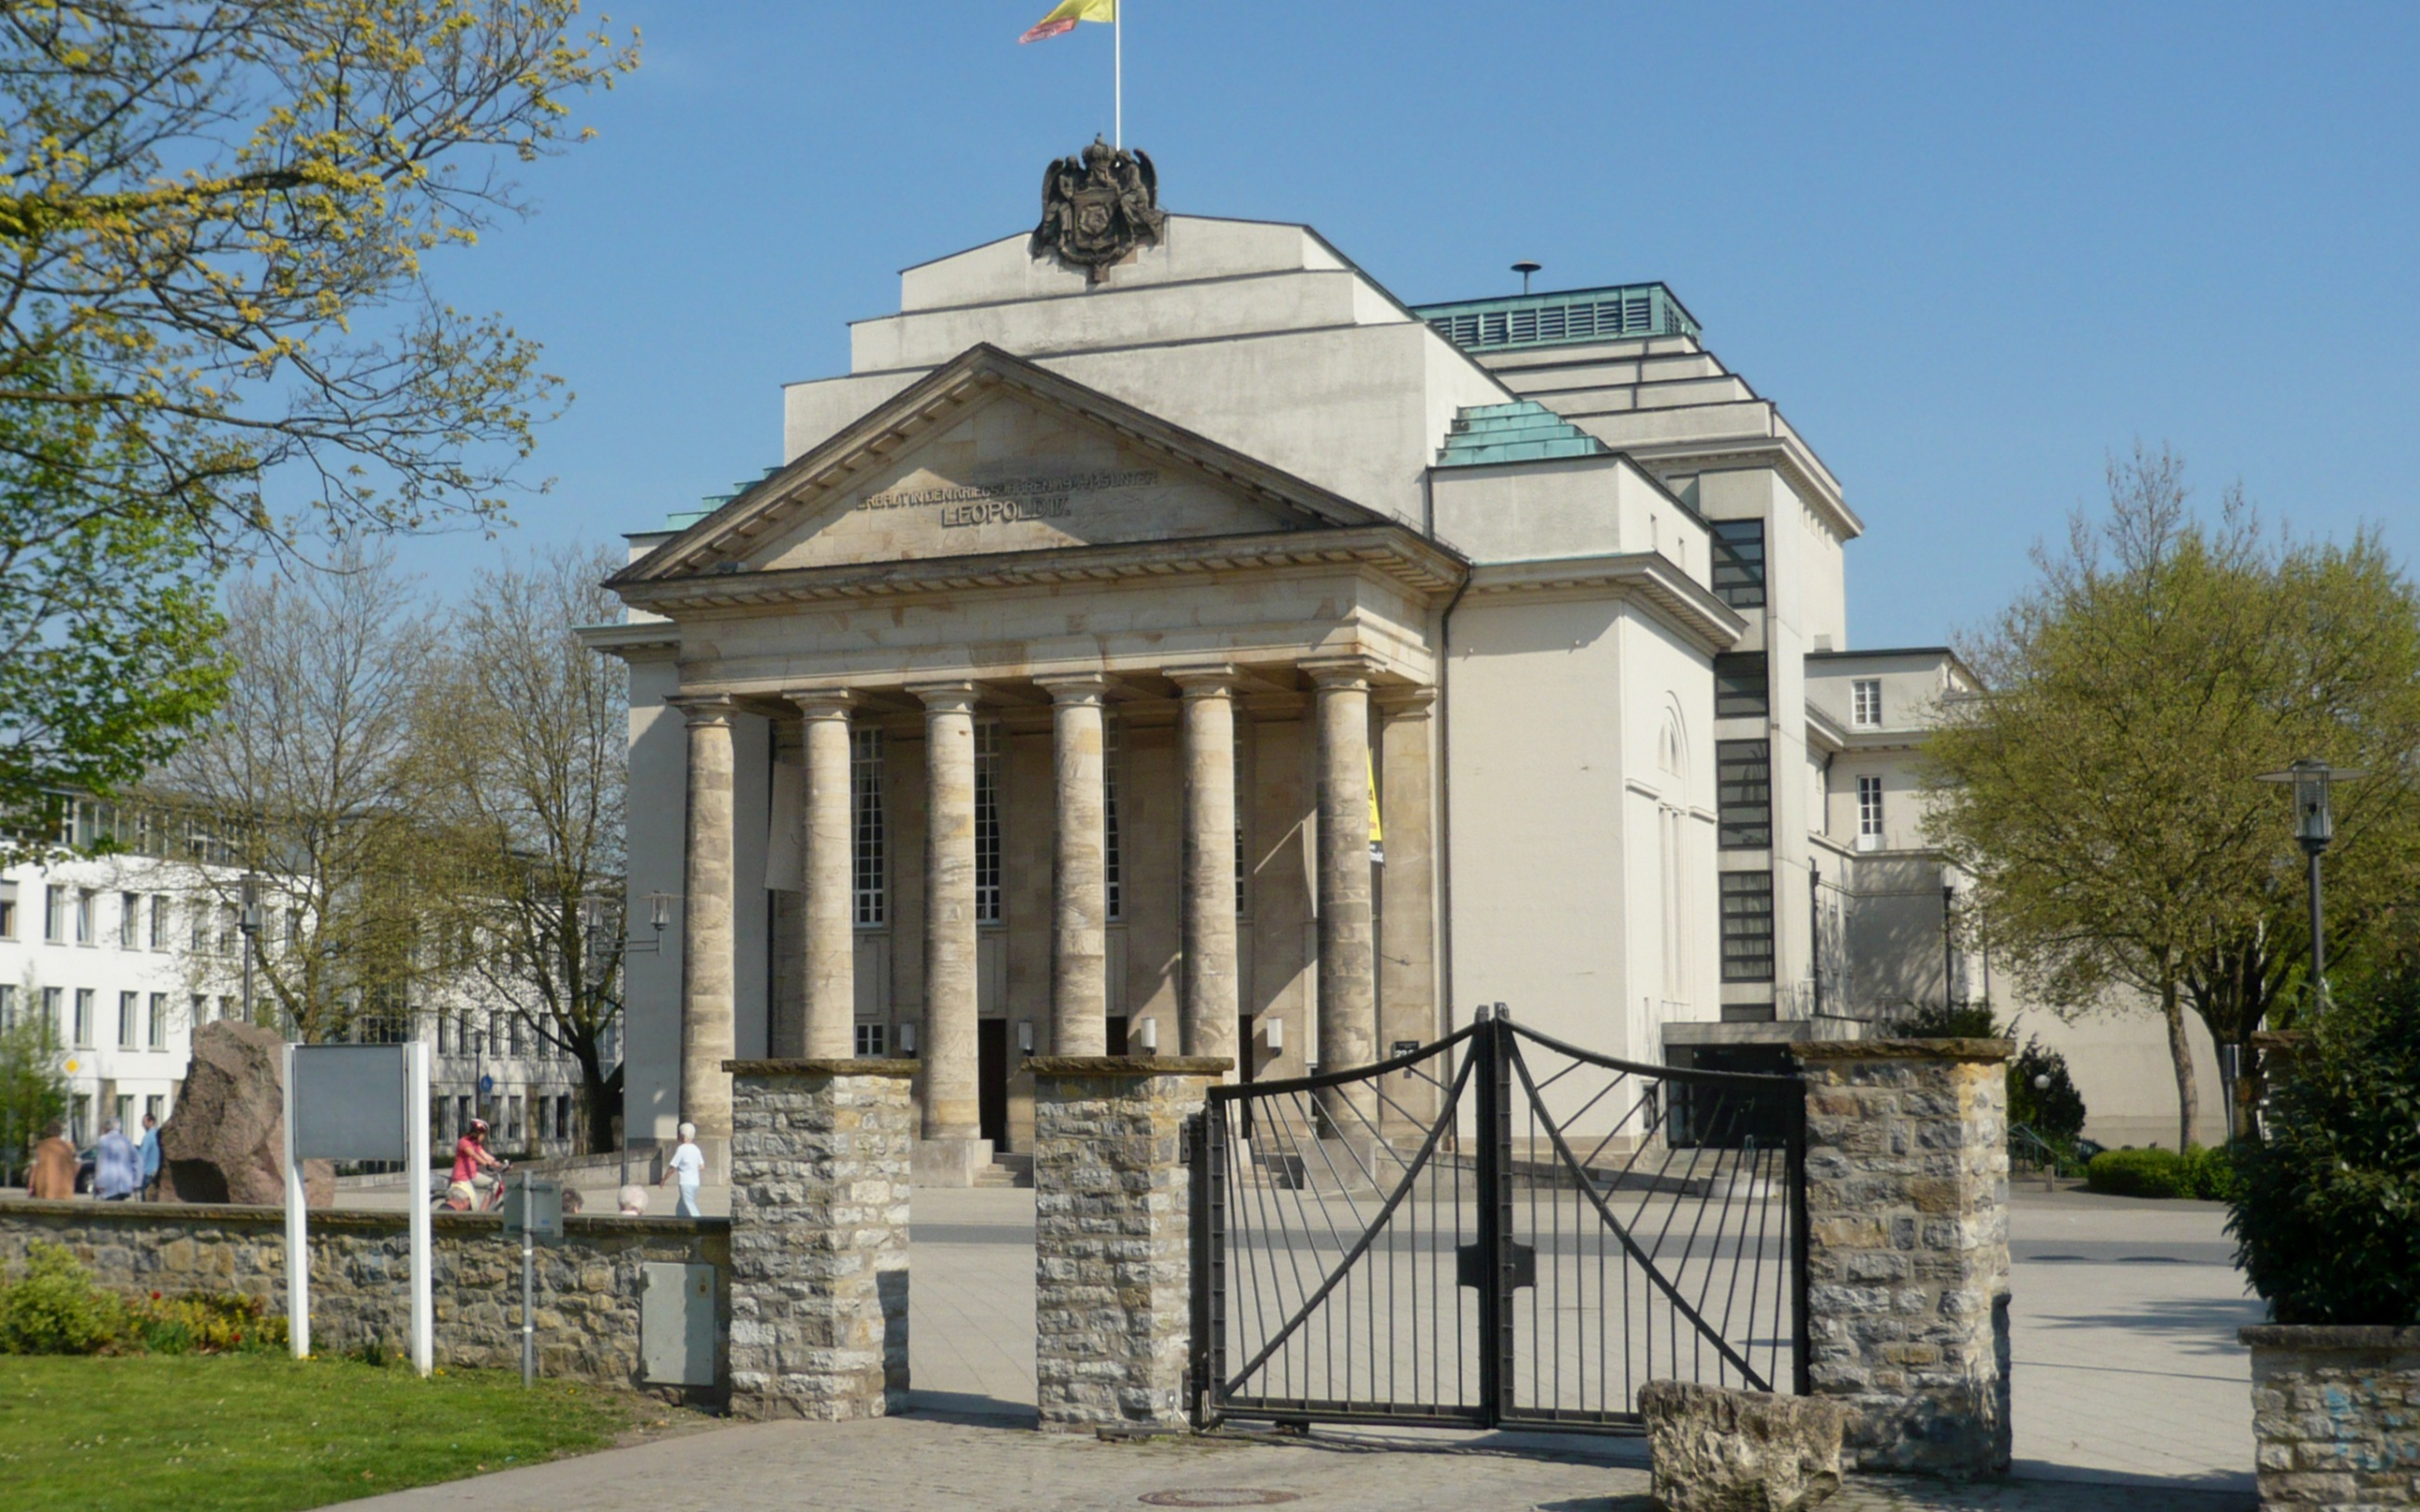 Landestheater Detmold in Detmold, Kreis Lippe, Nordrhein-Westfalen. Das Theater wurde am 8. November 1825 als Hochf